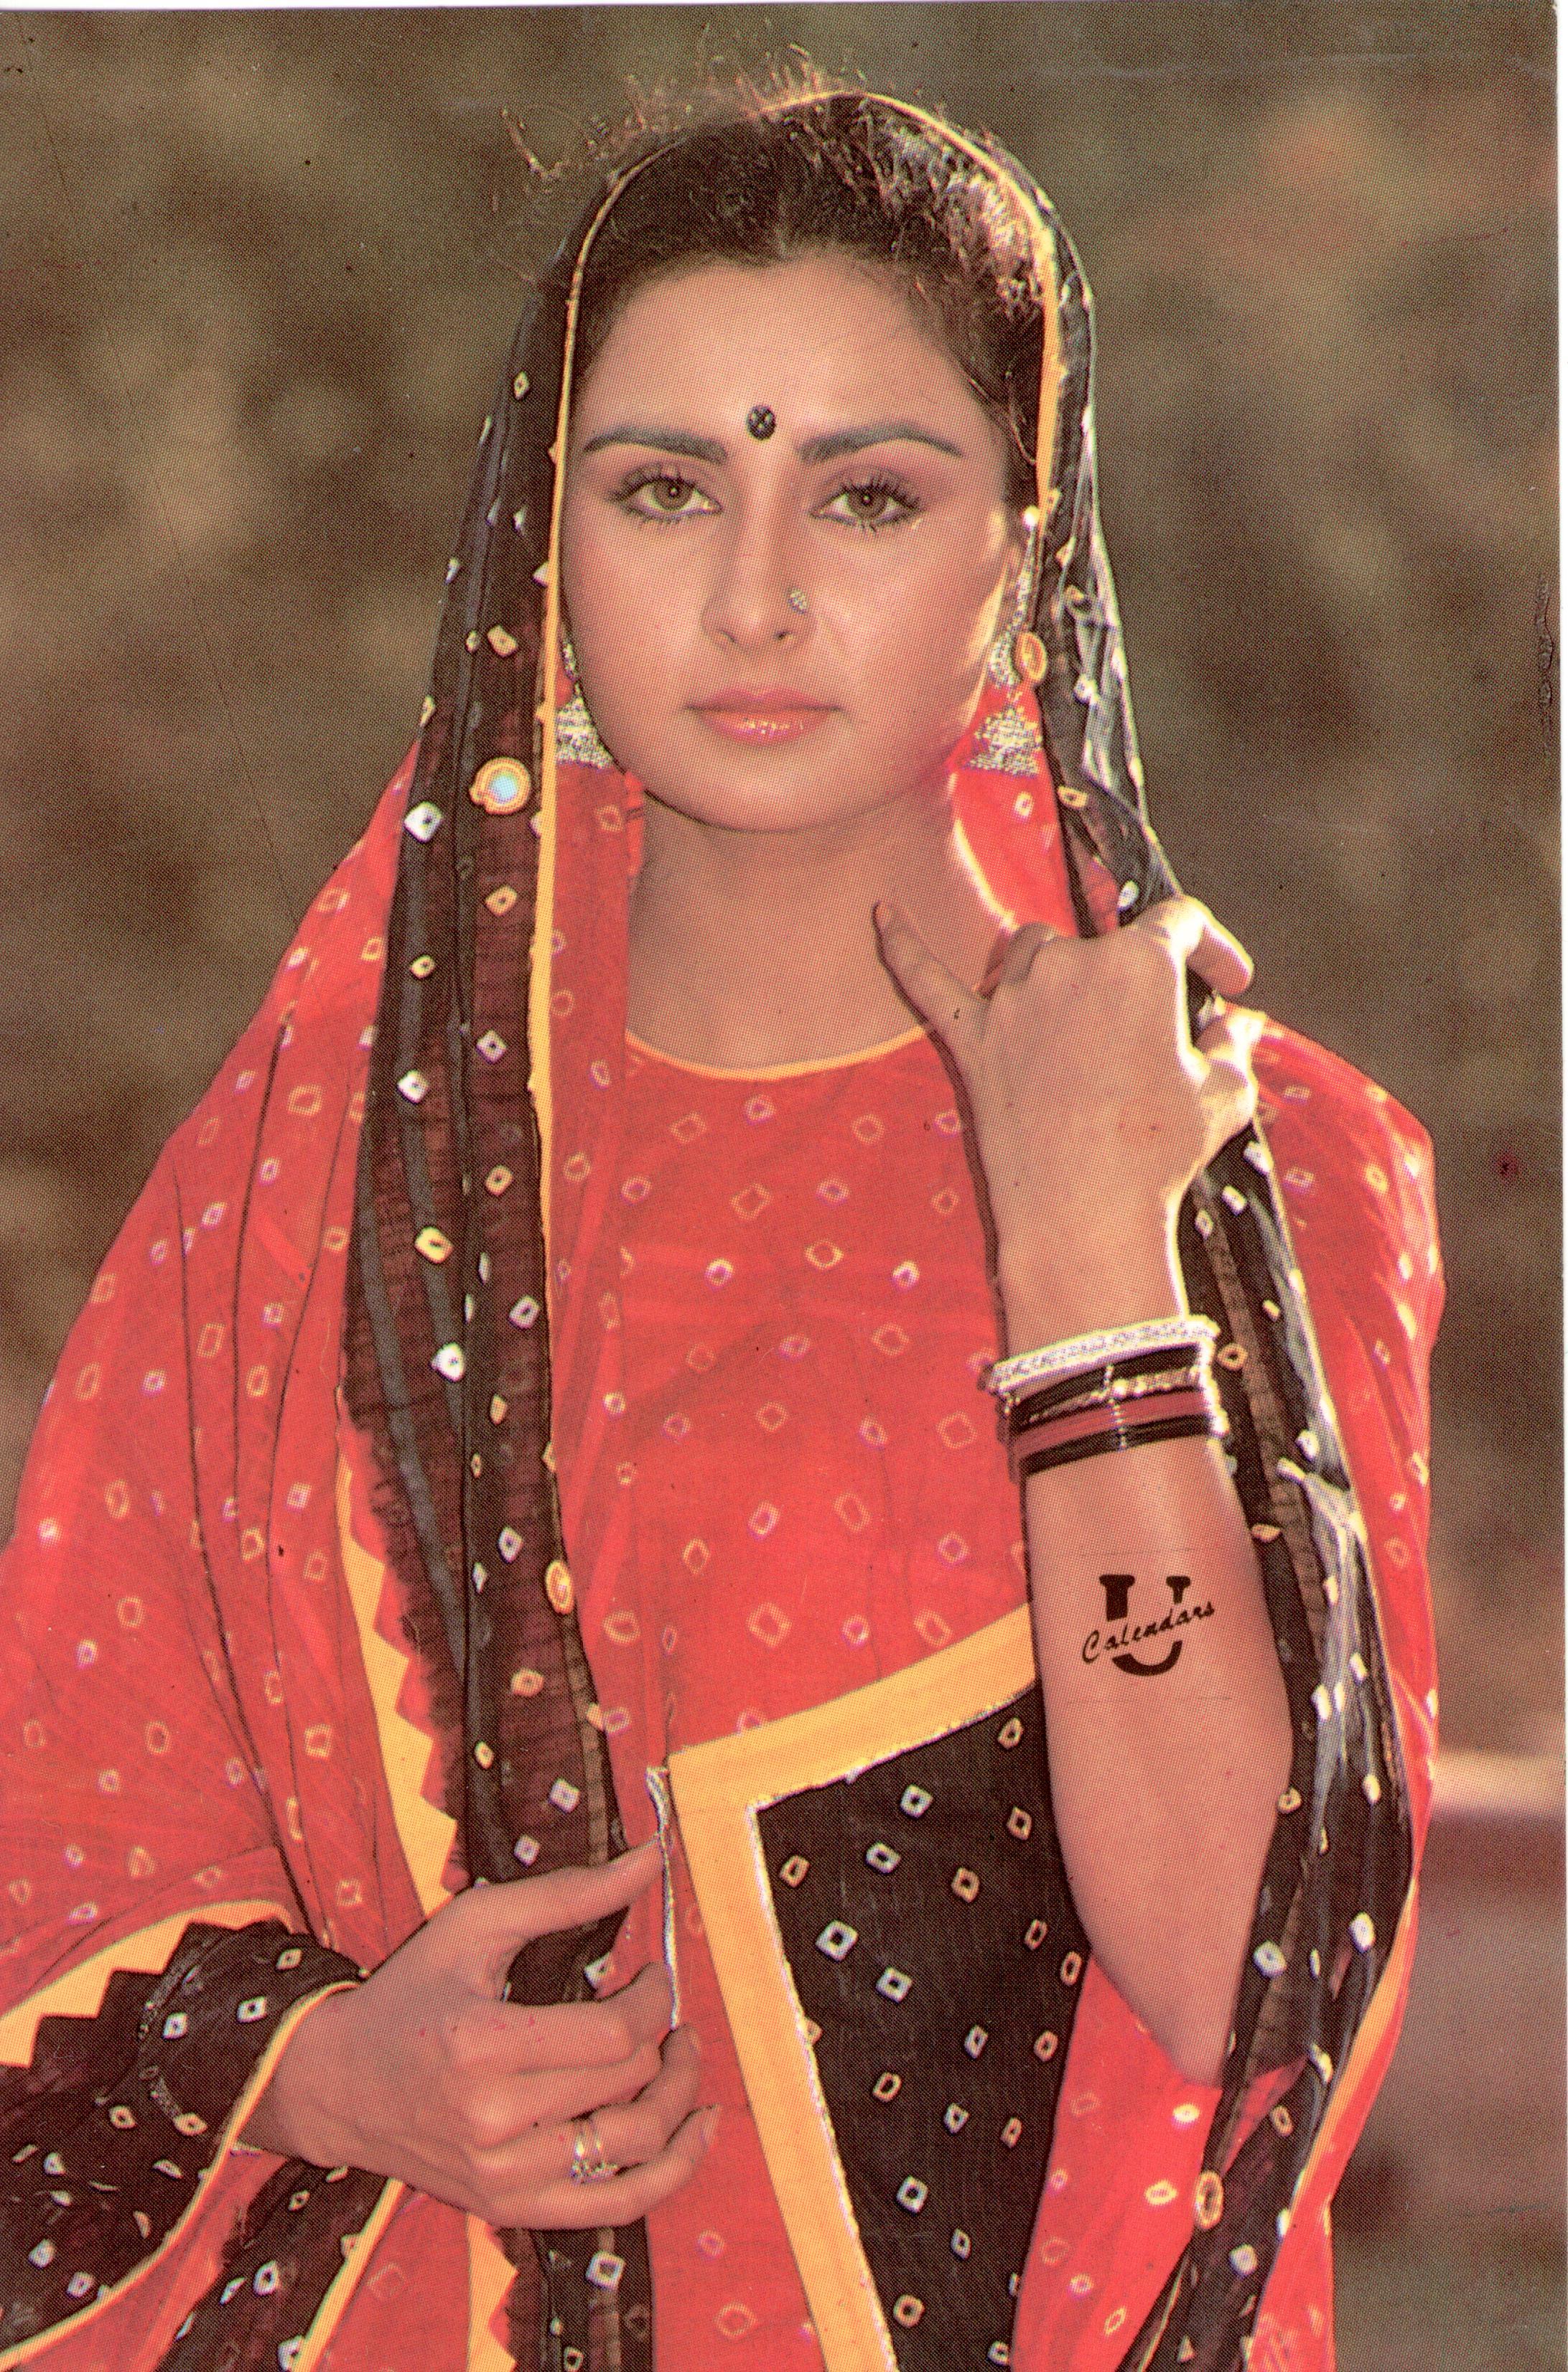 Движение смешные, пакистанские открытки с актрисами